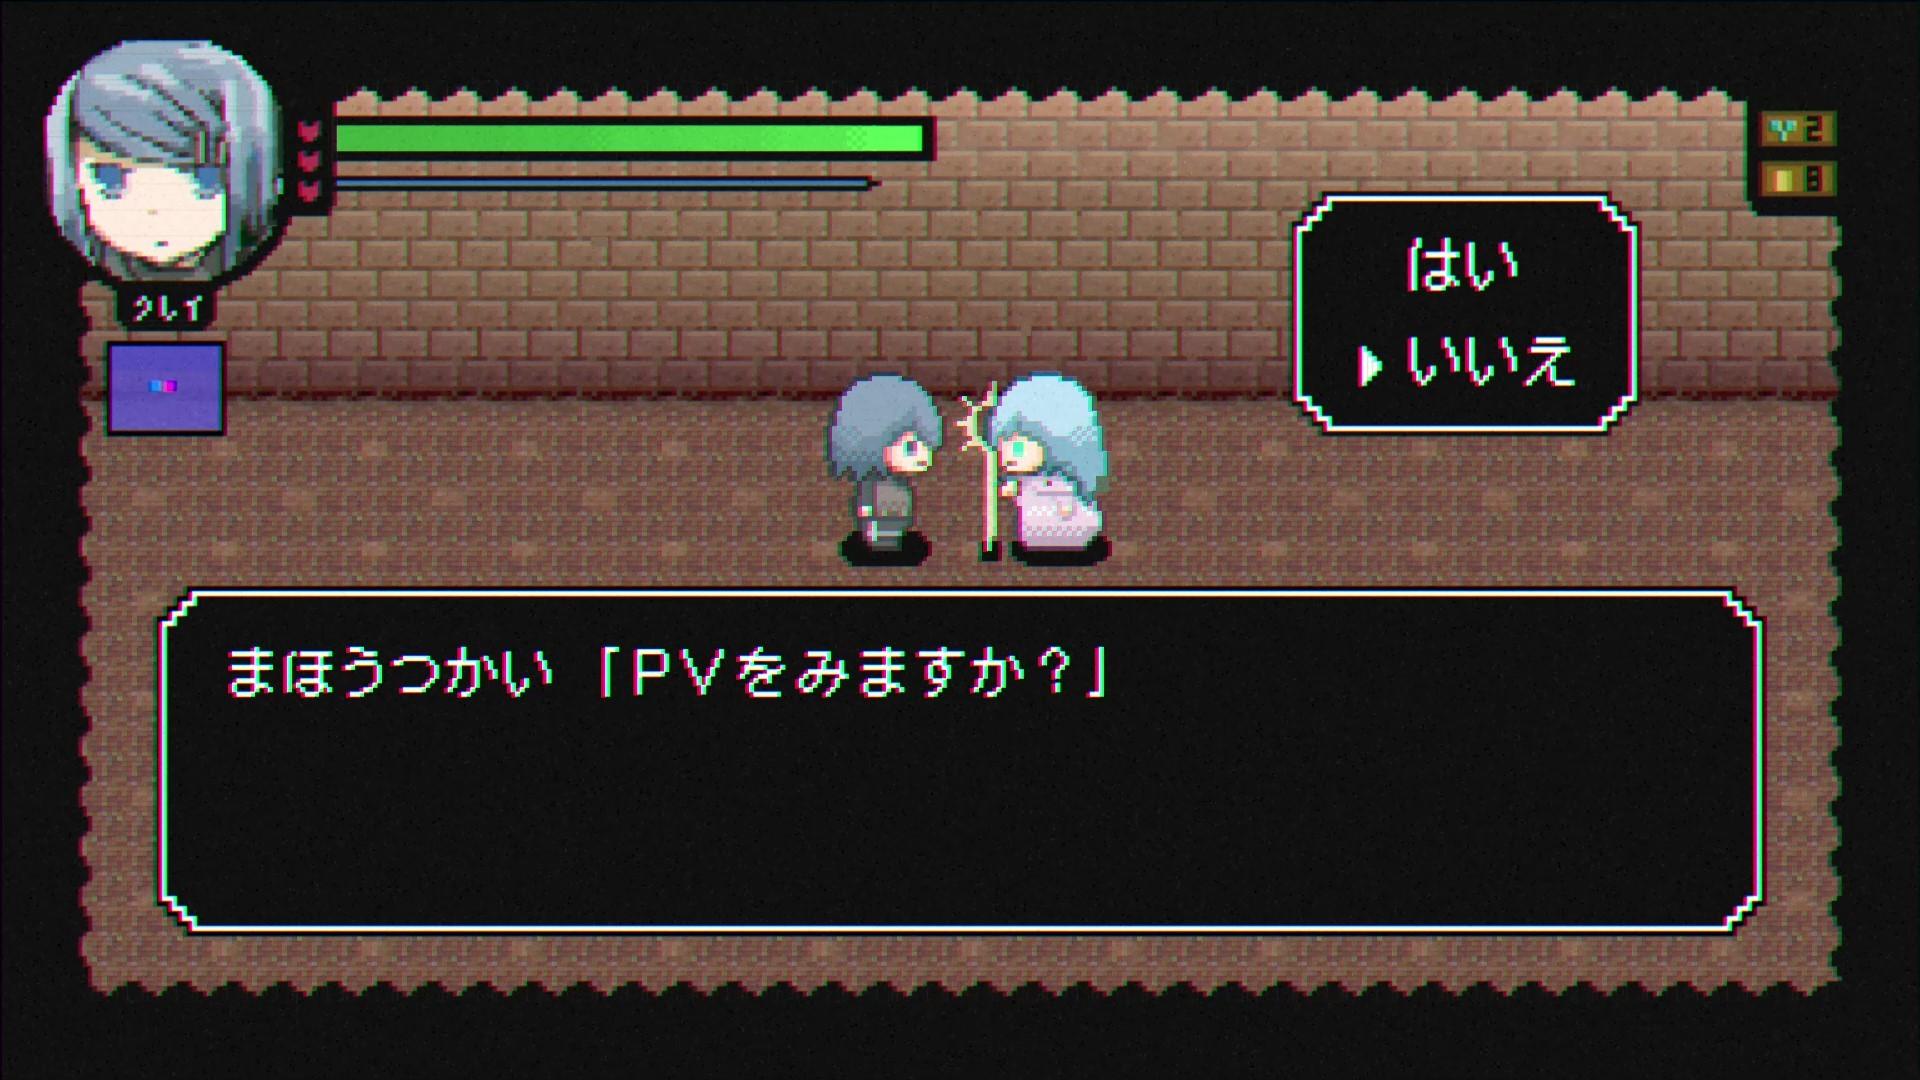 第1巻発売記念PVより (c)双見酔/双葉社